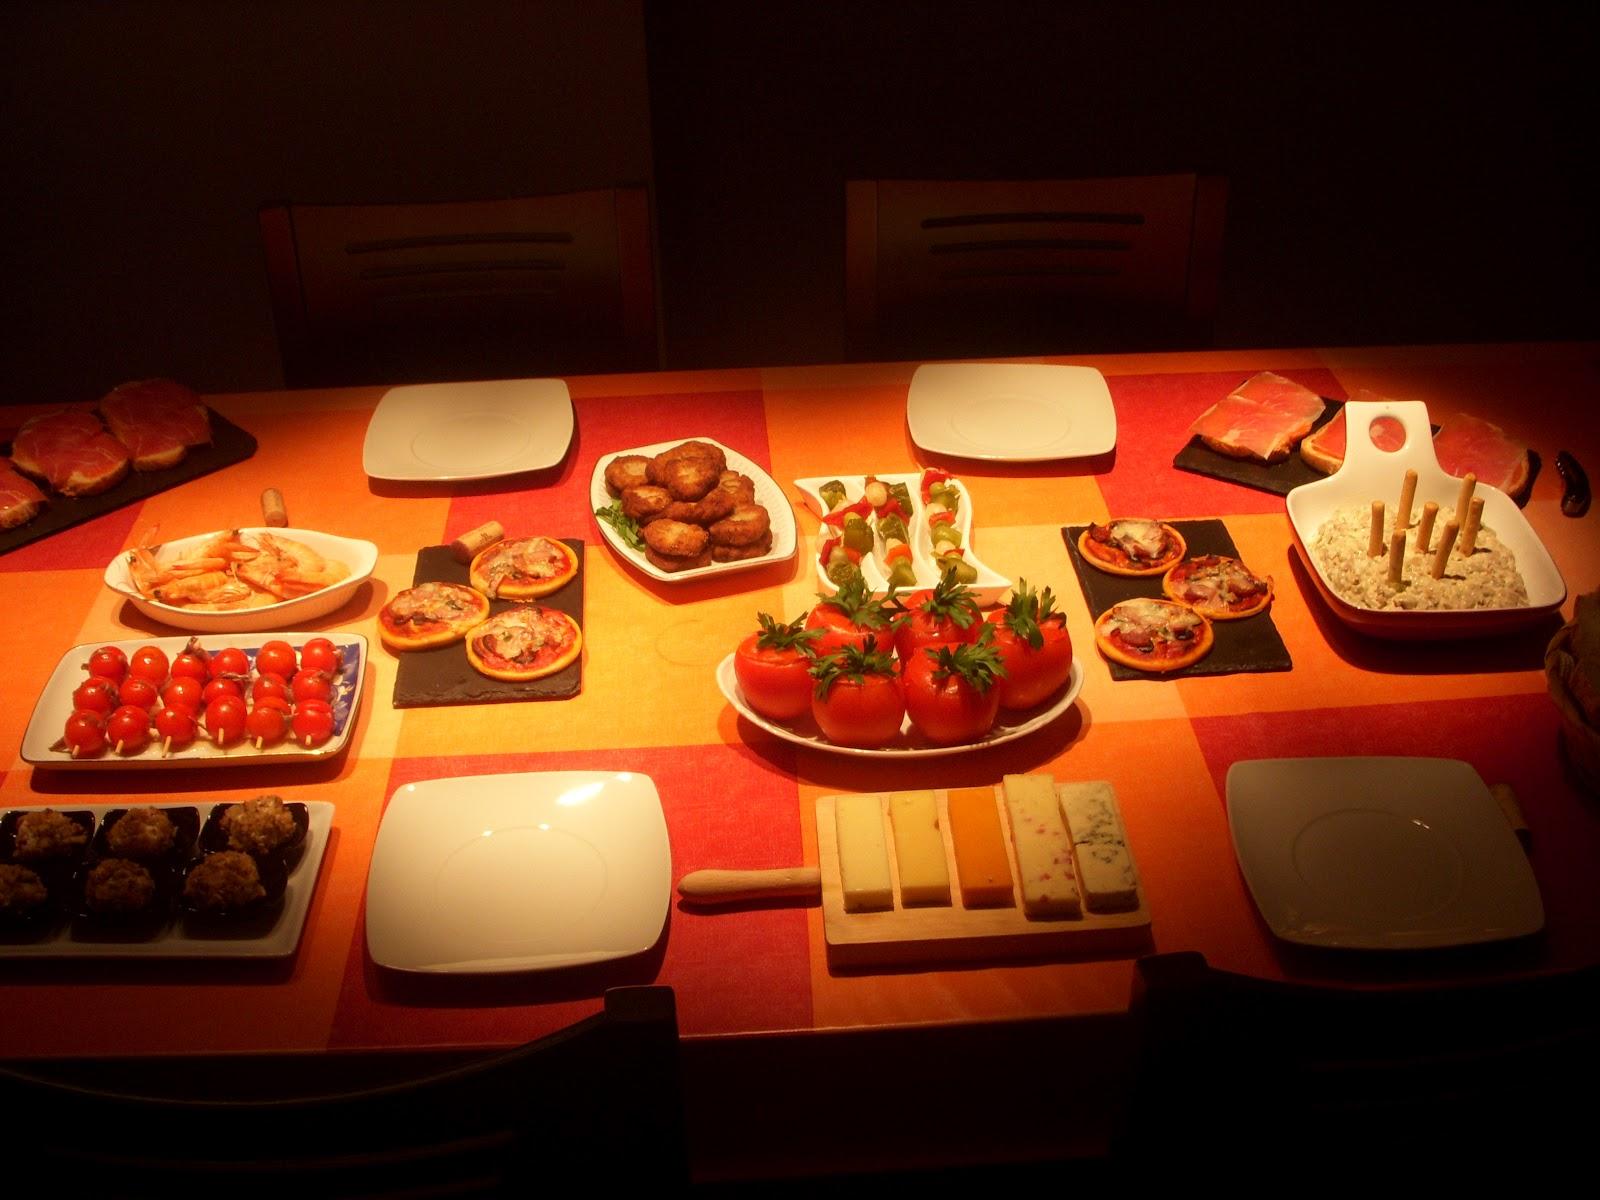 Blog de canal cuina cena de tapeo en casa - Cena con amigos en casa ...